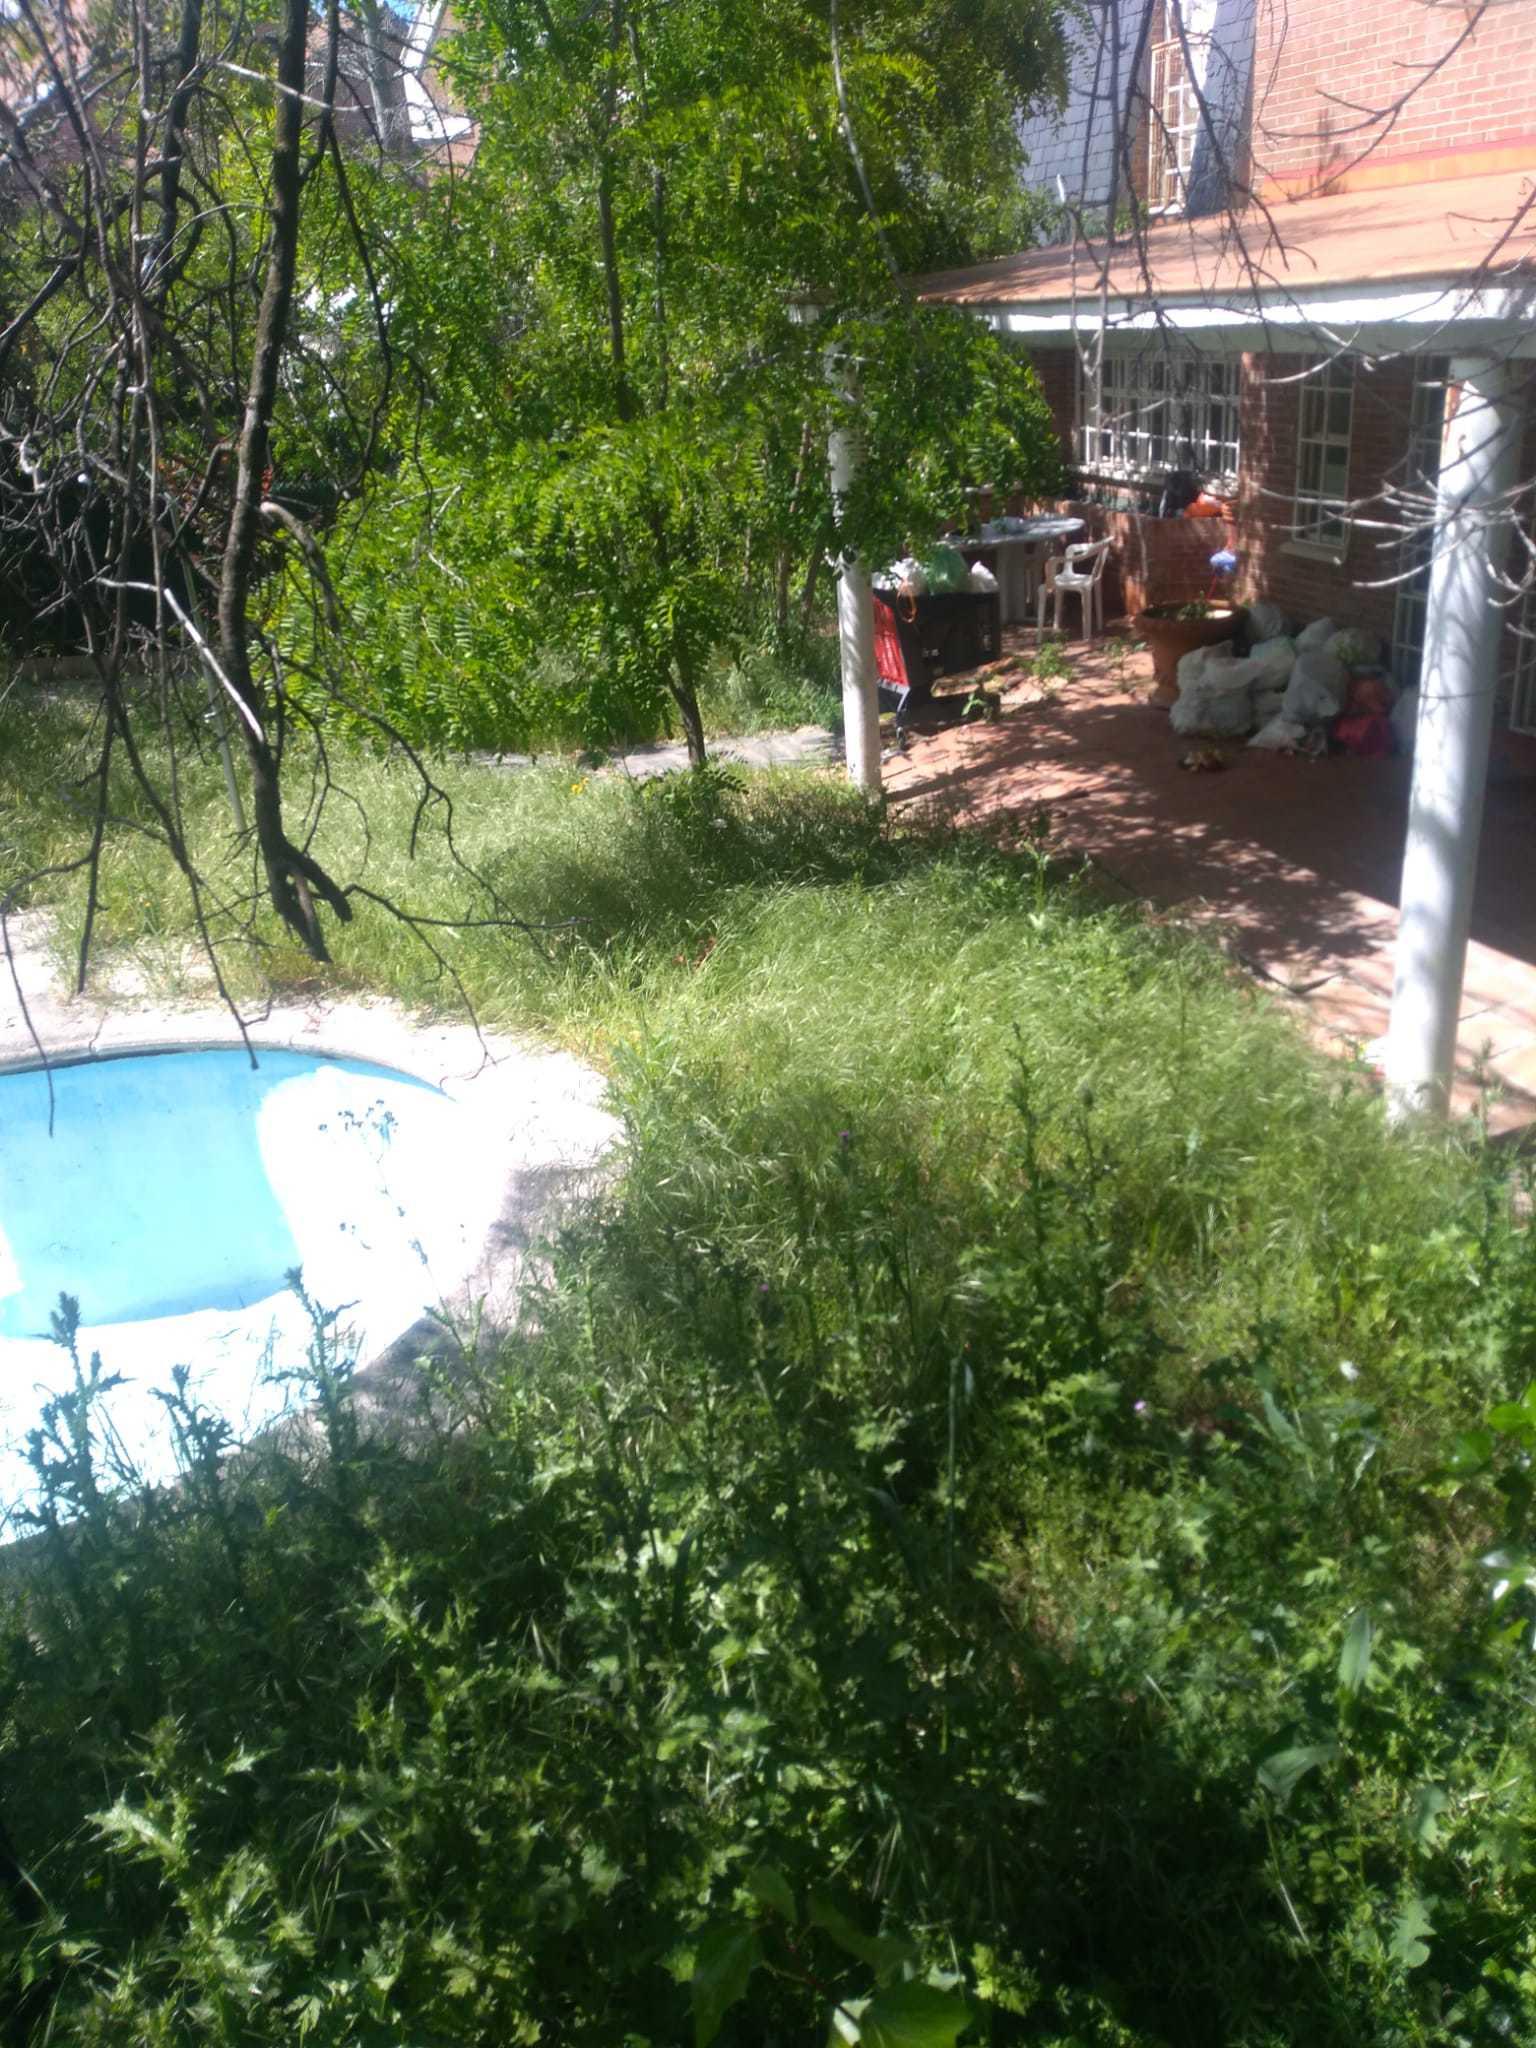 Crime et peur dans un quartier luxueux de Pozuelo après avoir squatté